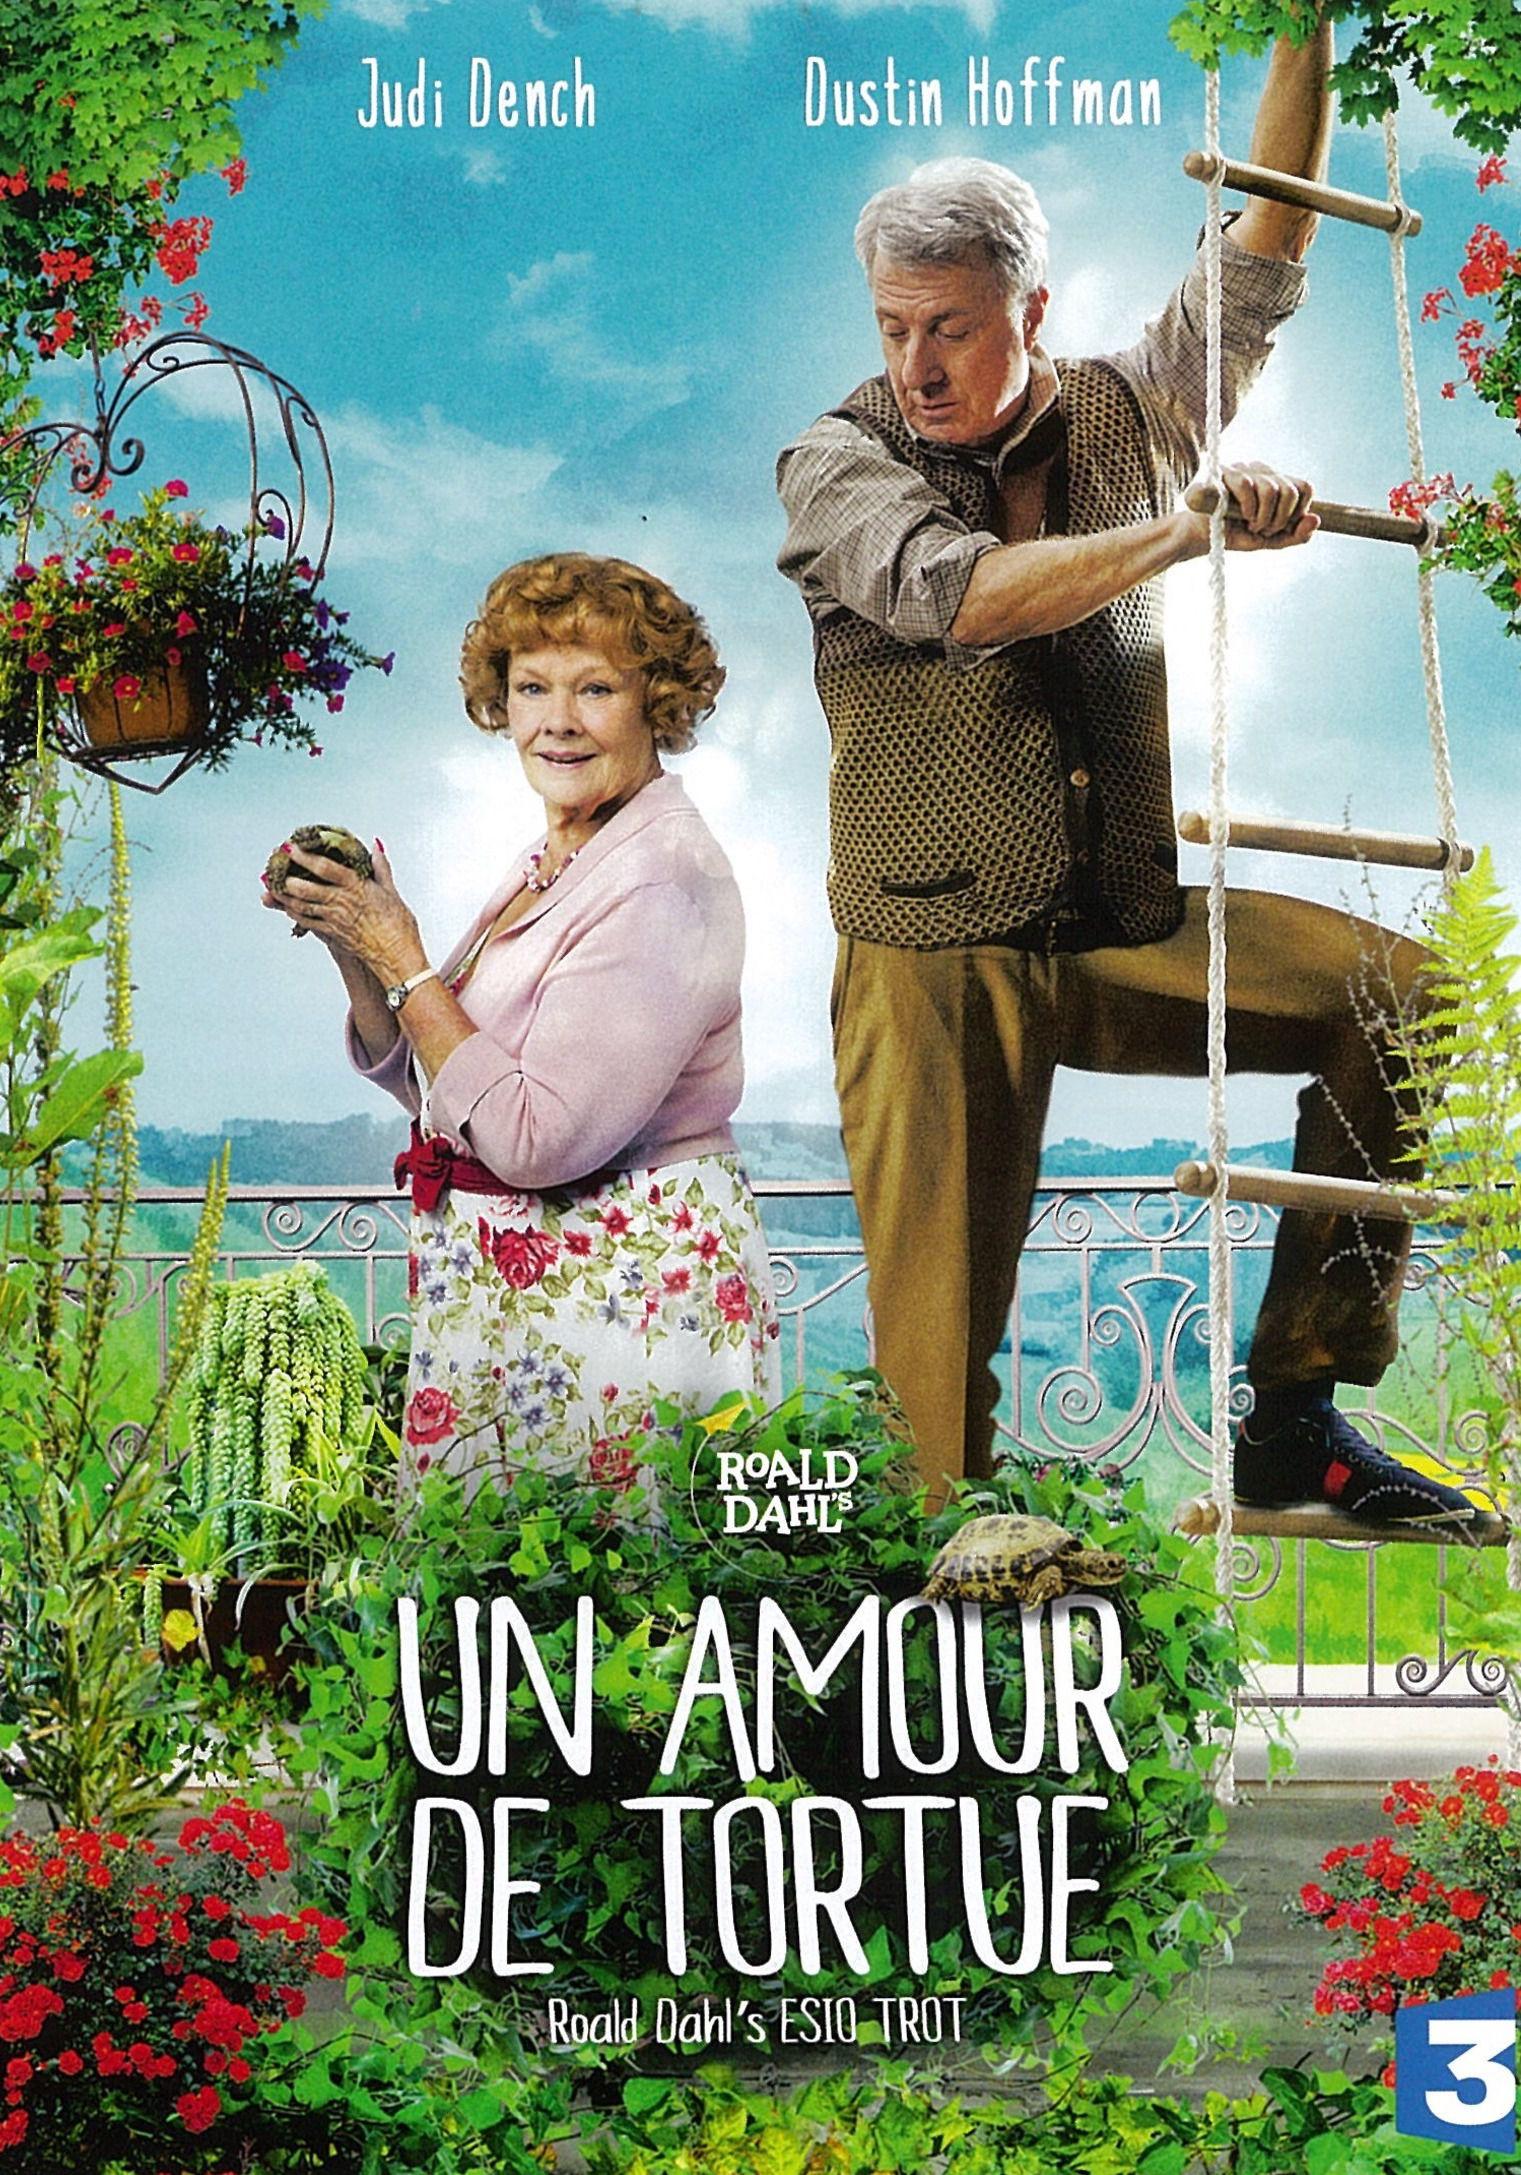 Un amour de tortue - Film (2014)